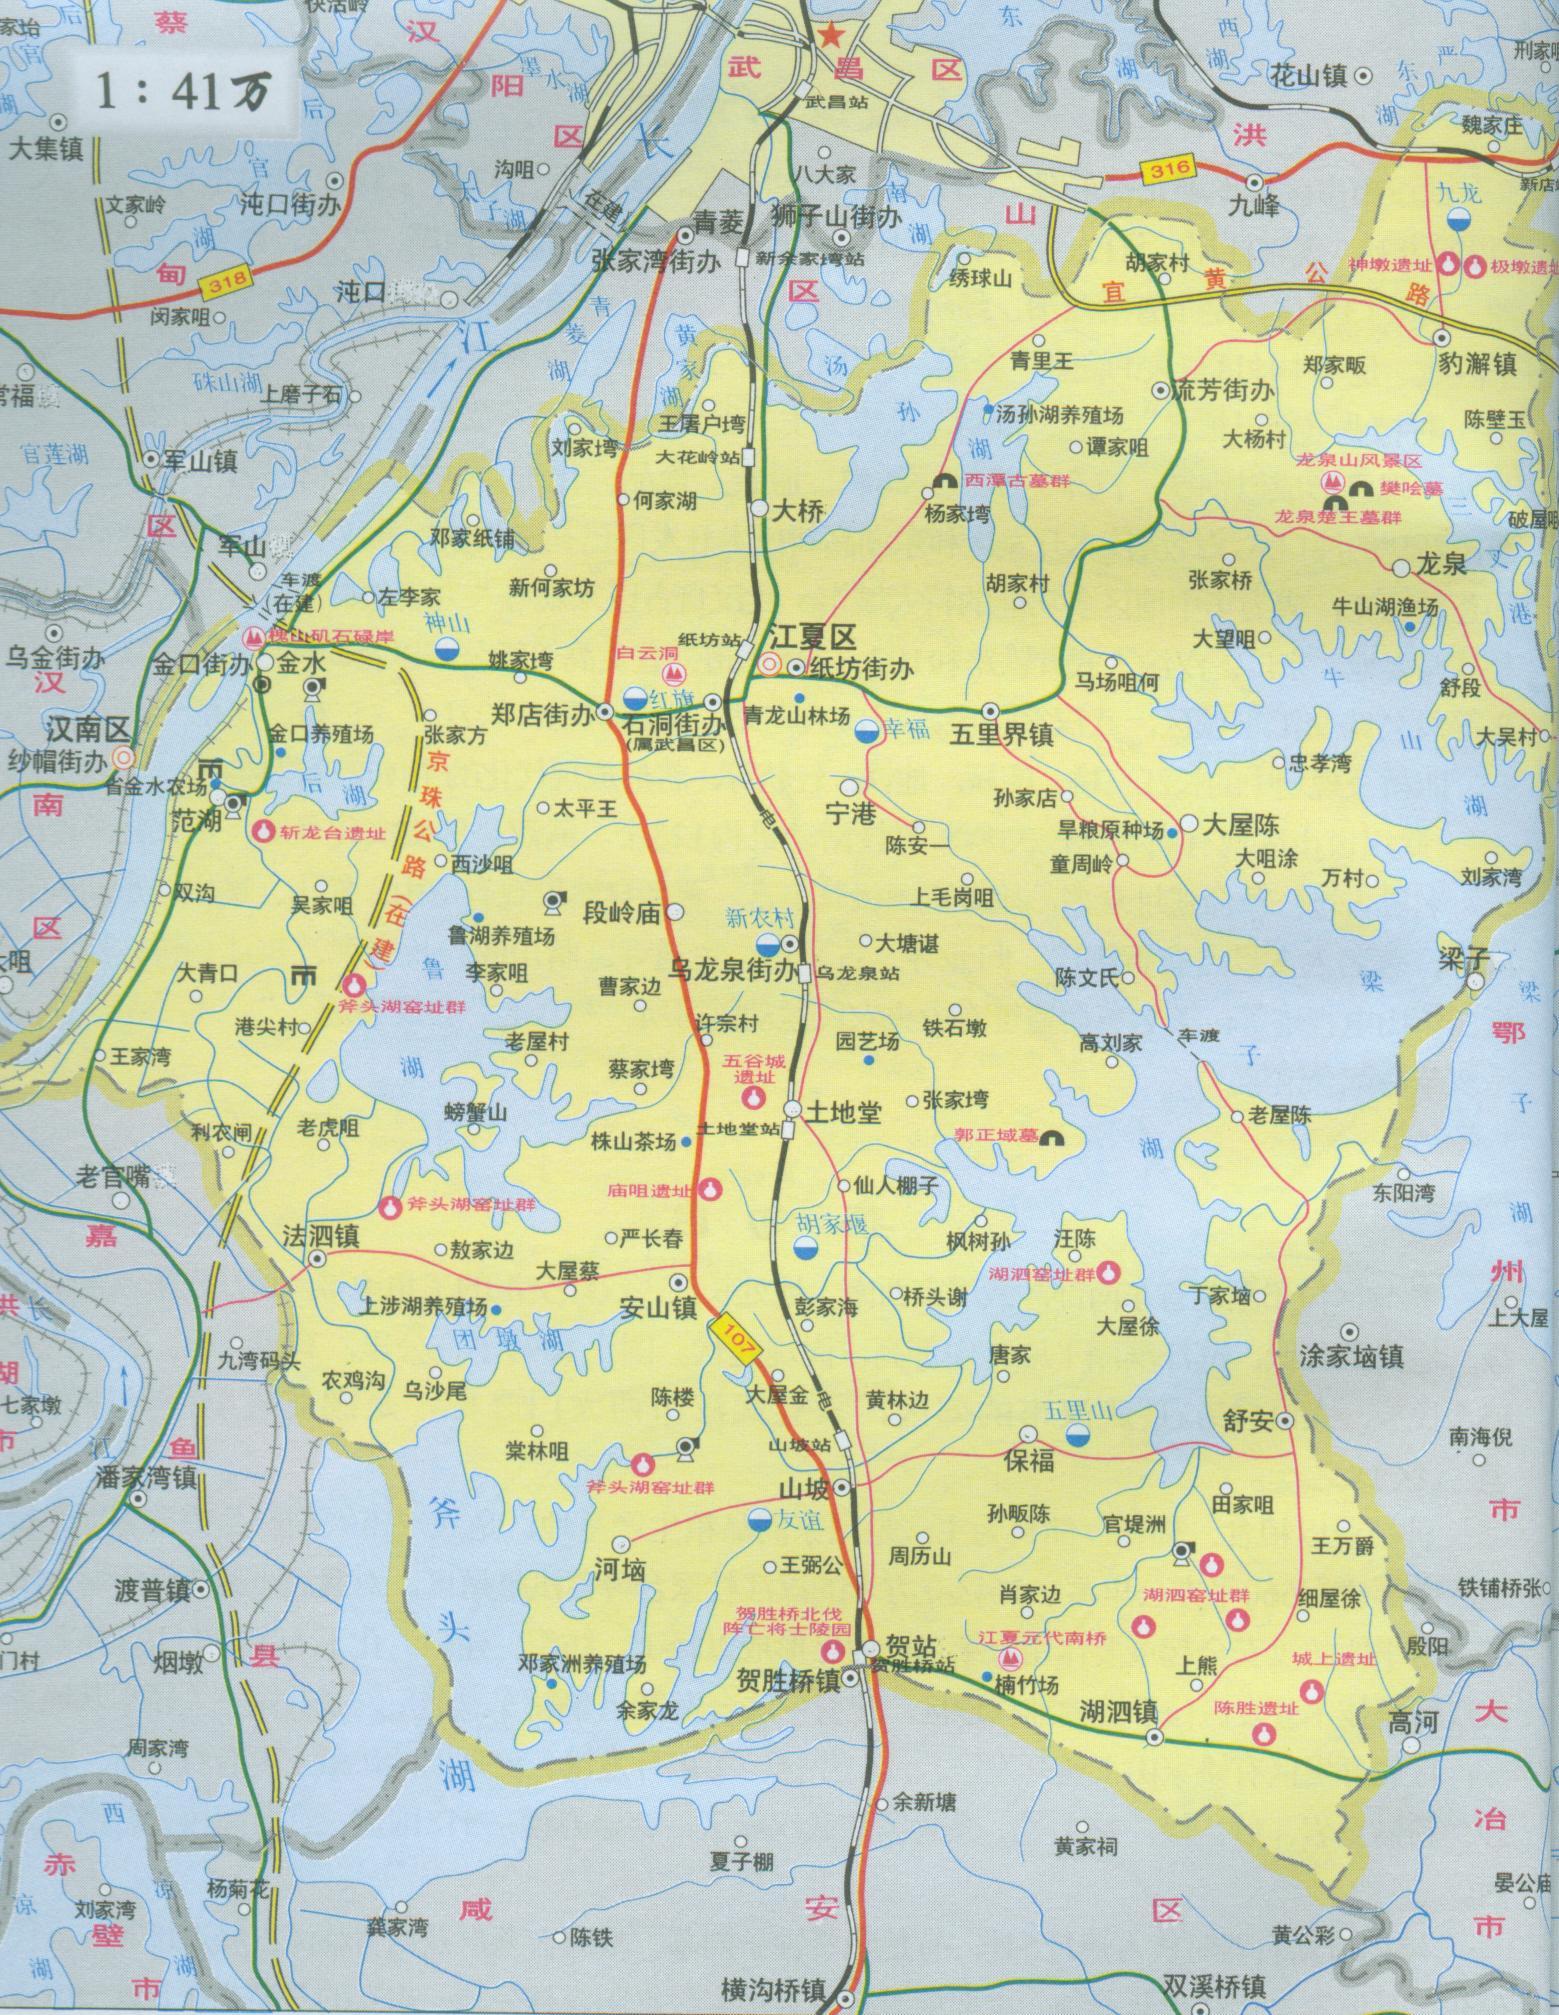 江夏区地图_武汉地图库 第一站>>&